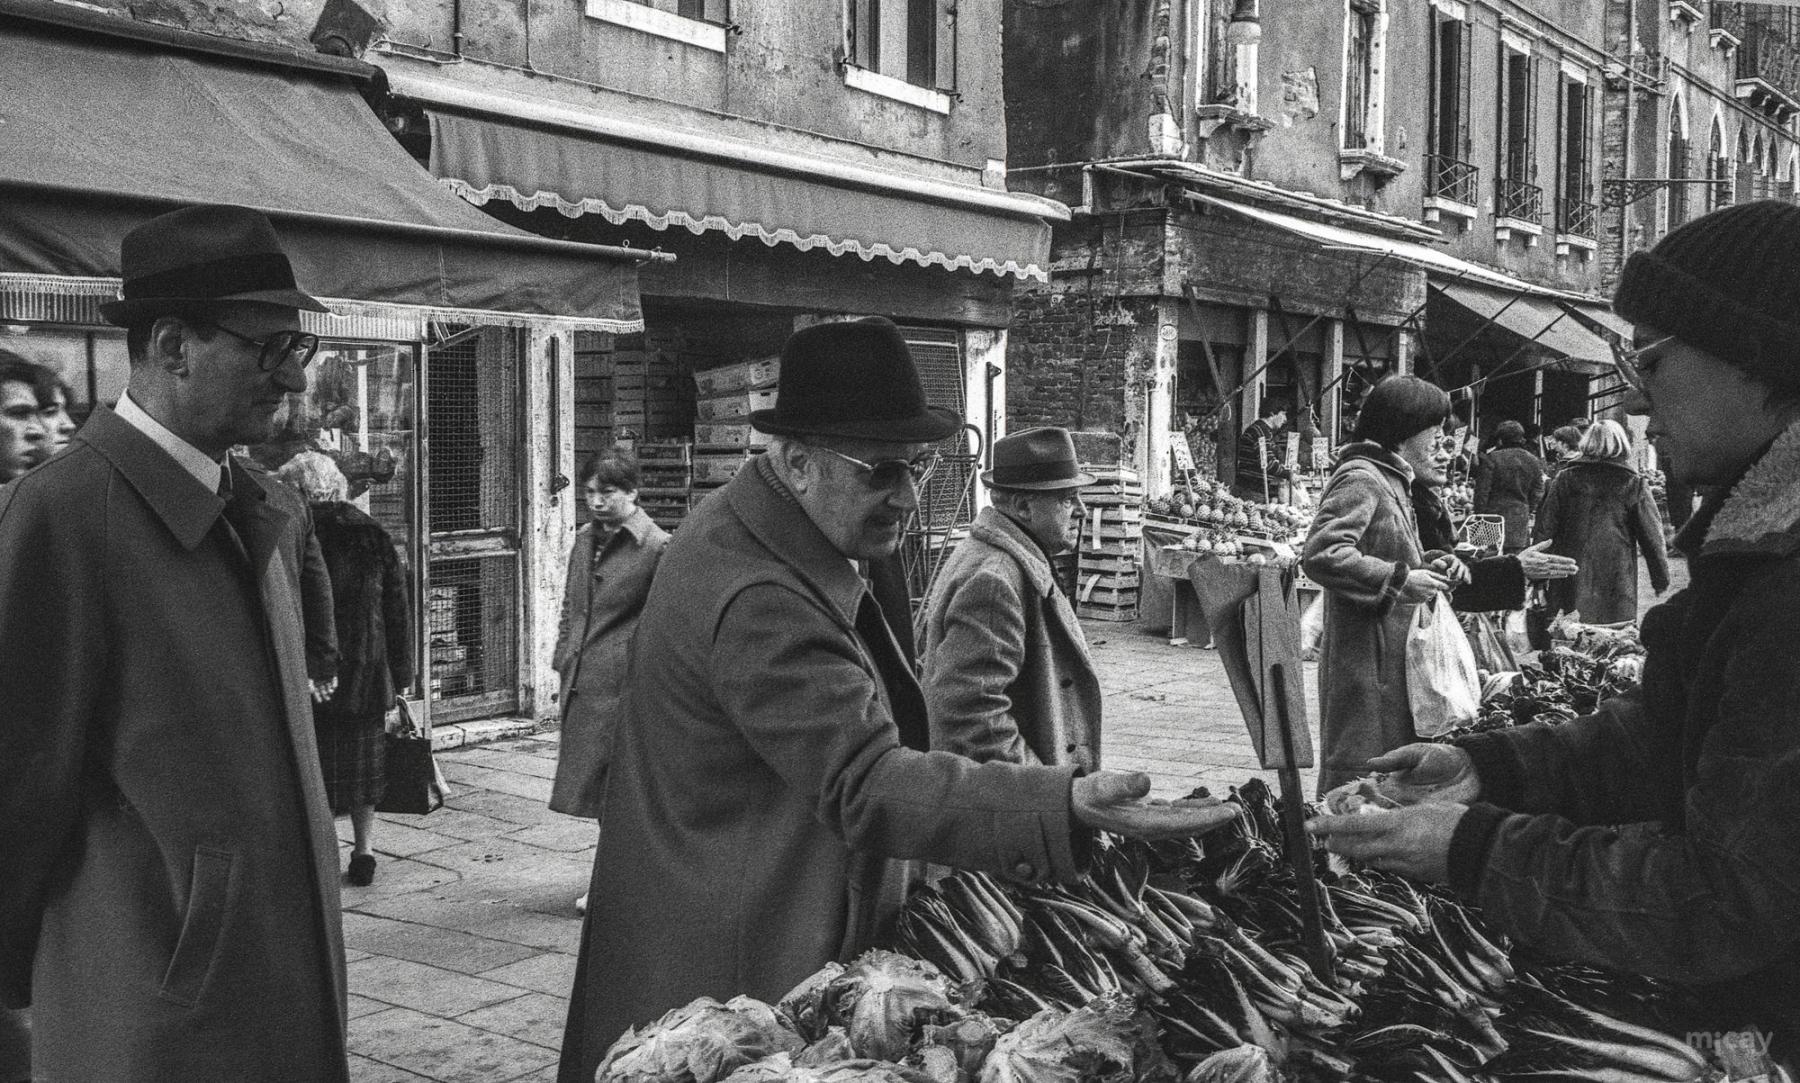 MichelAycaguer-Venise-lesVenitiens-en1980-58